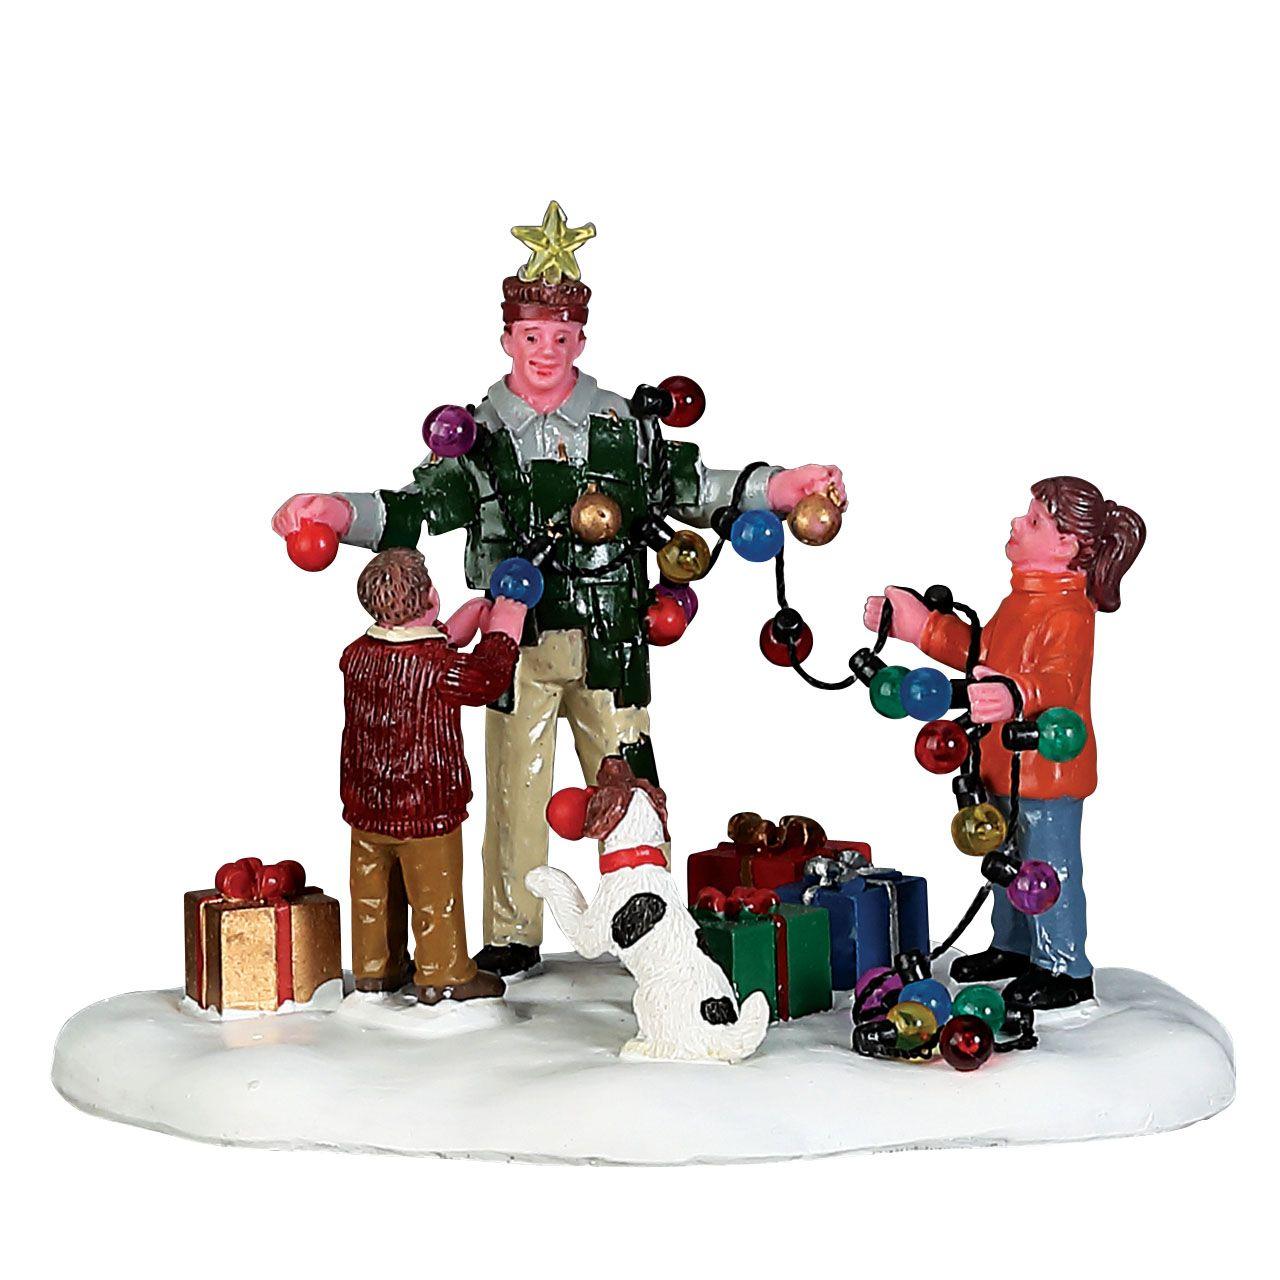 Lemax Christmas Tree Dad. SKU 73308. Released in 2017 as